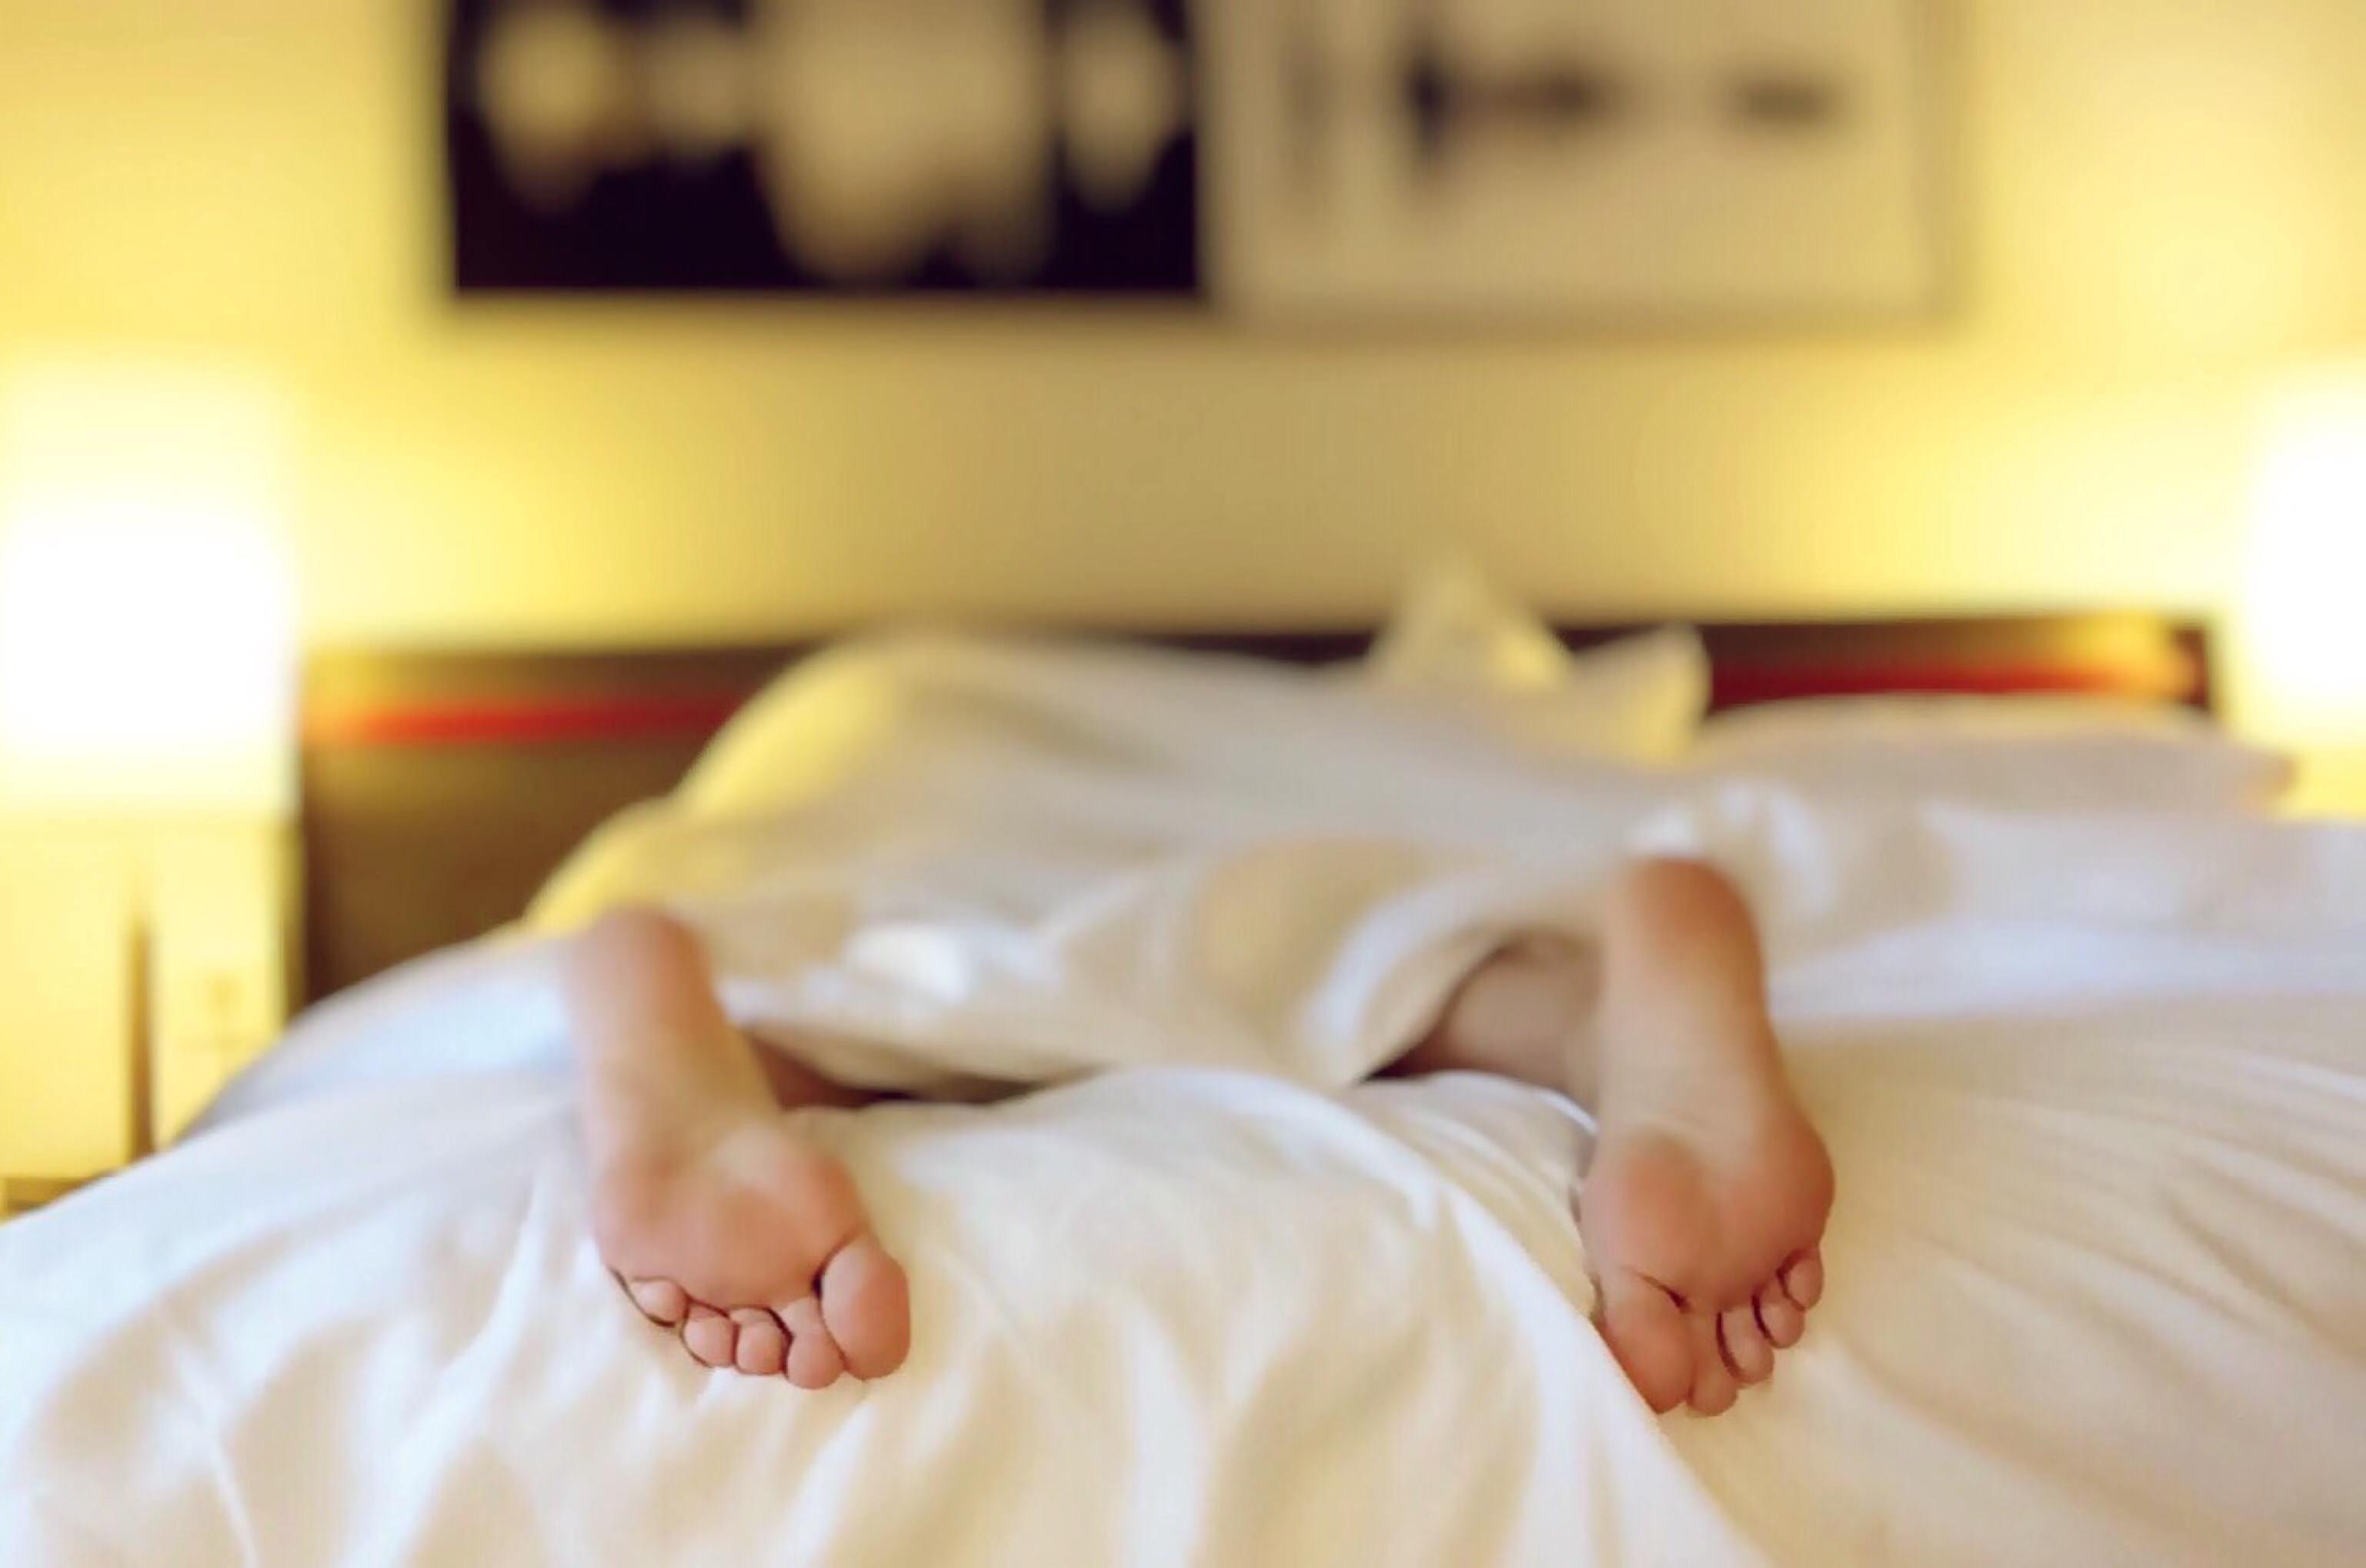 healthy feet at hotel bed sleeping